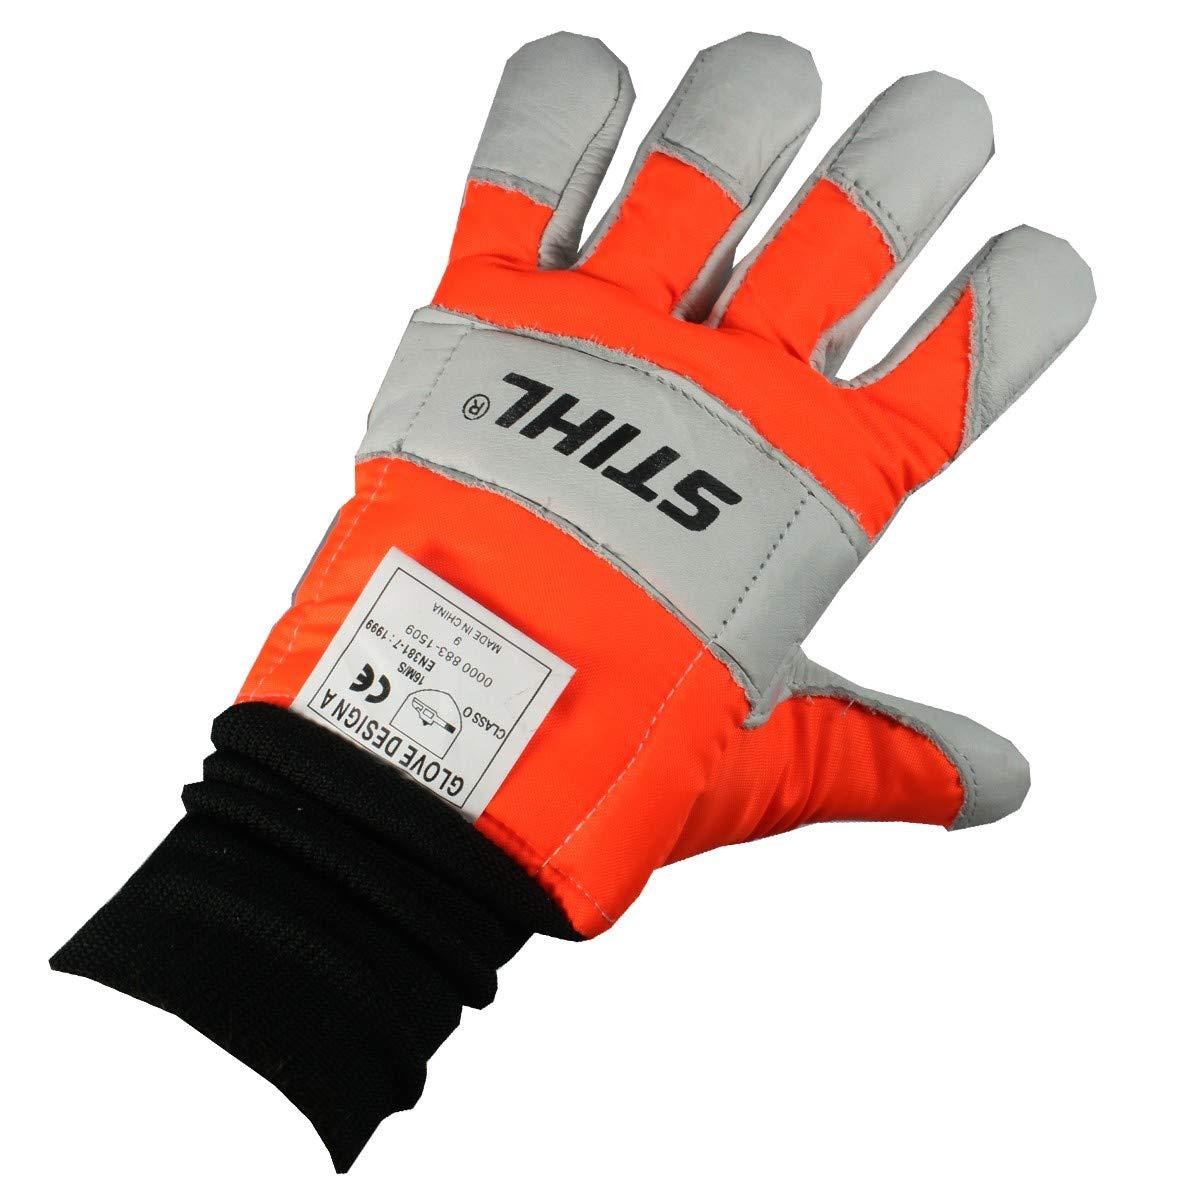 Stihl Schnittschutz-Handschuhe Economy Grà ¶ sse XL G22937